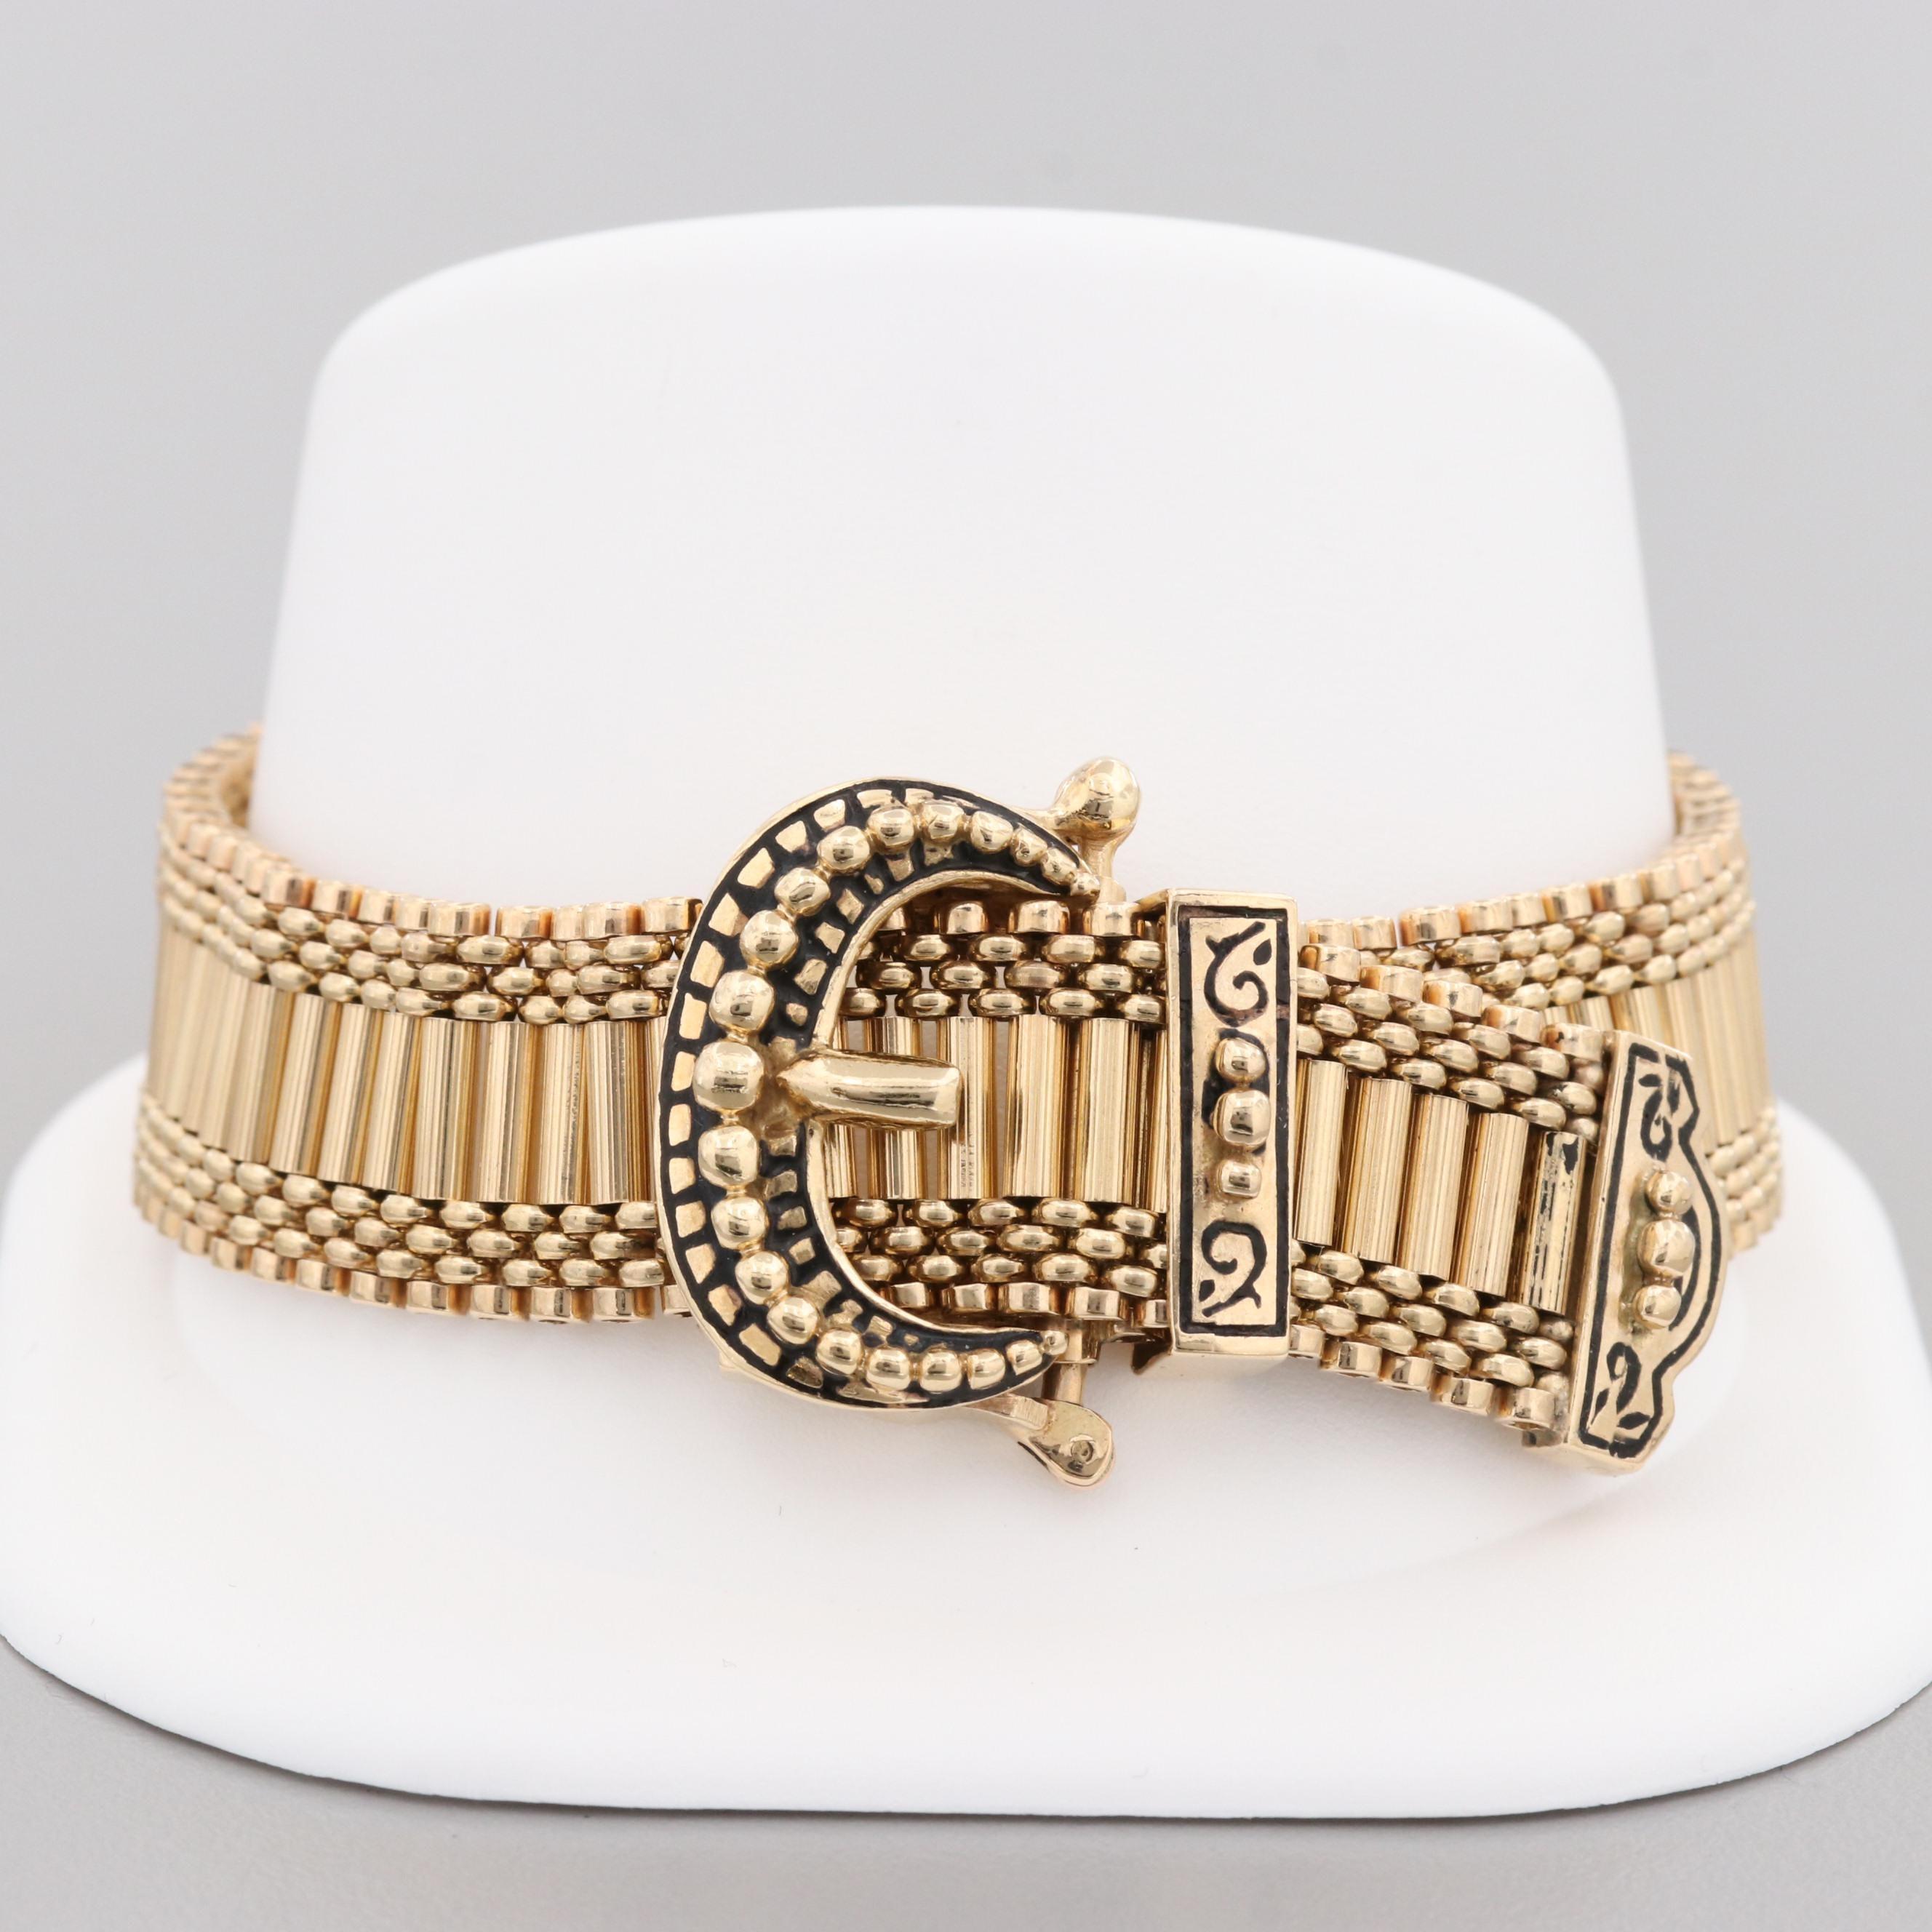 Victorian Revival 14K Yellow Gold Enameled Slide Bracelet